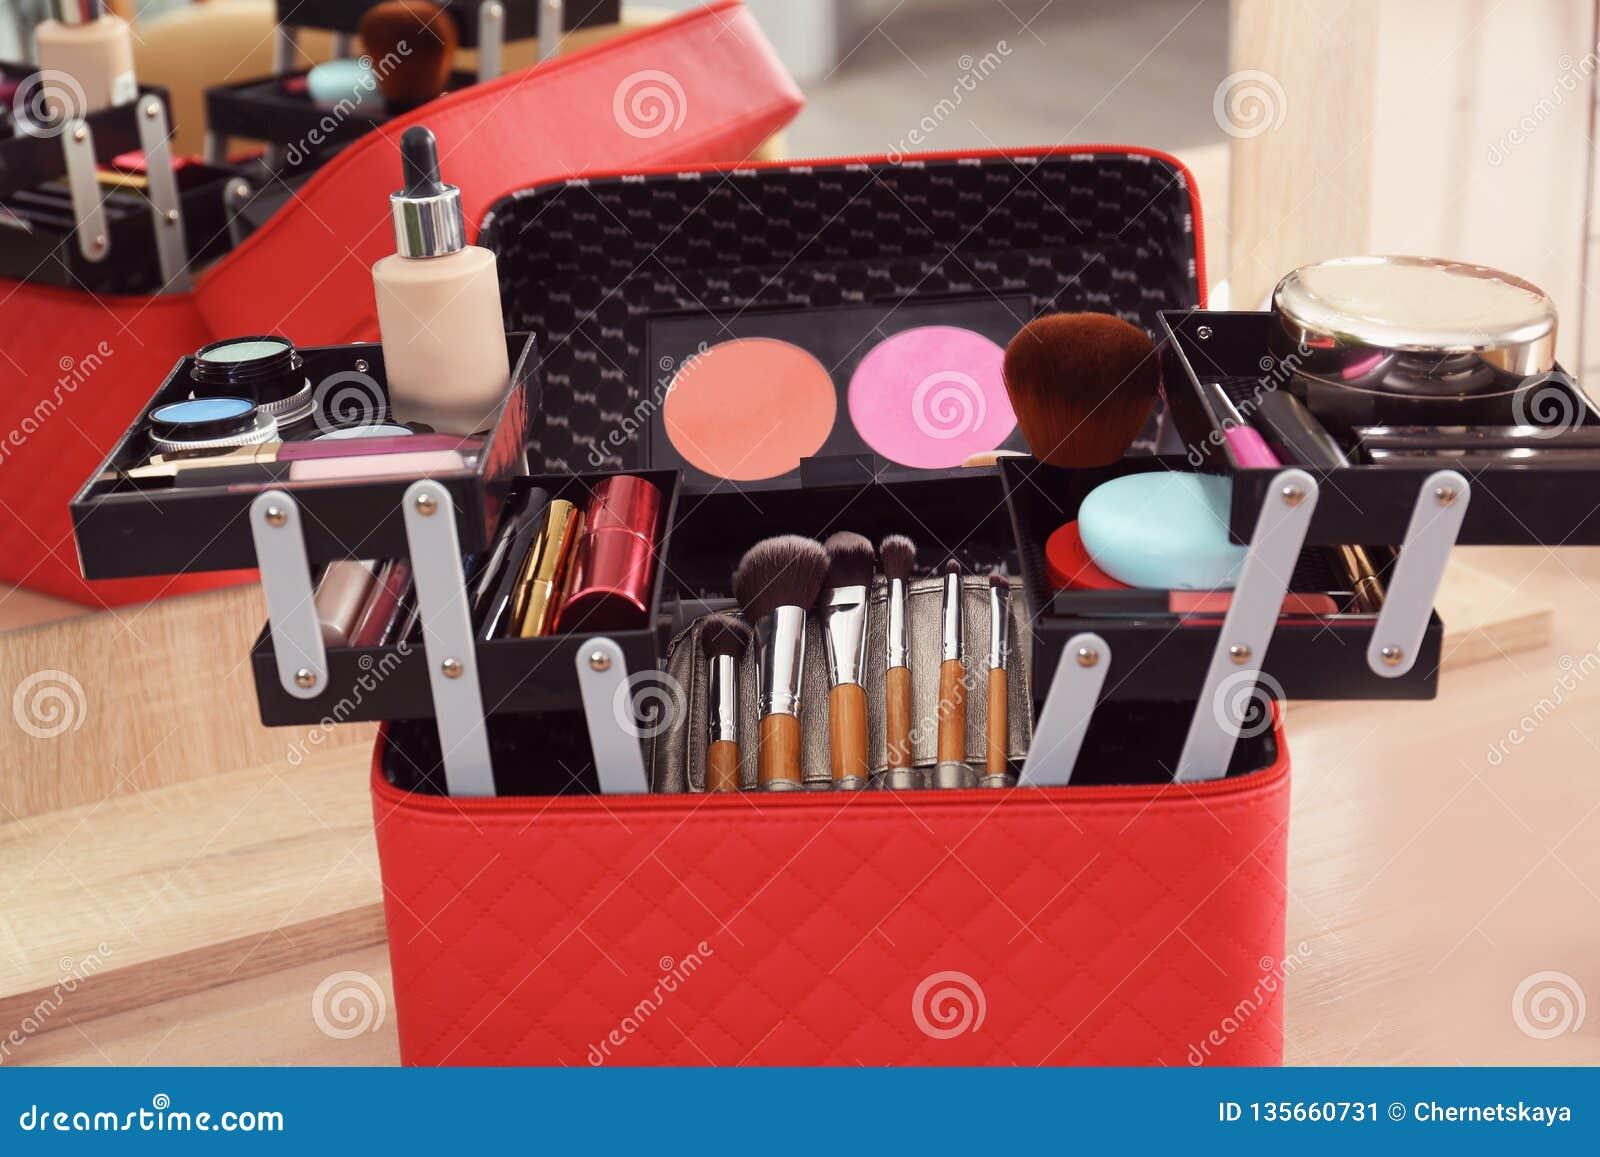 与专业构成产品和工具的美容师事例在木桌上